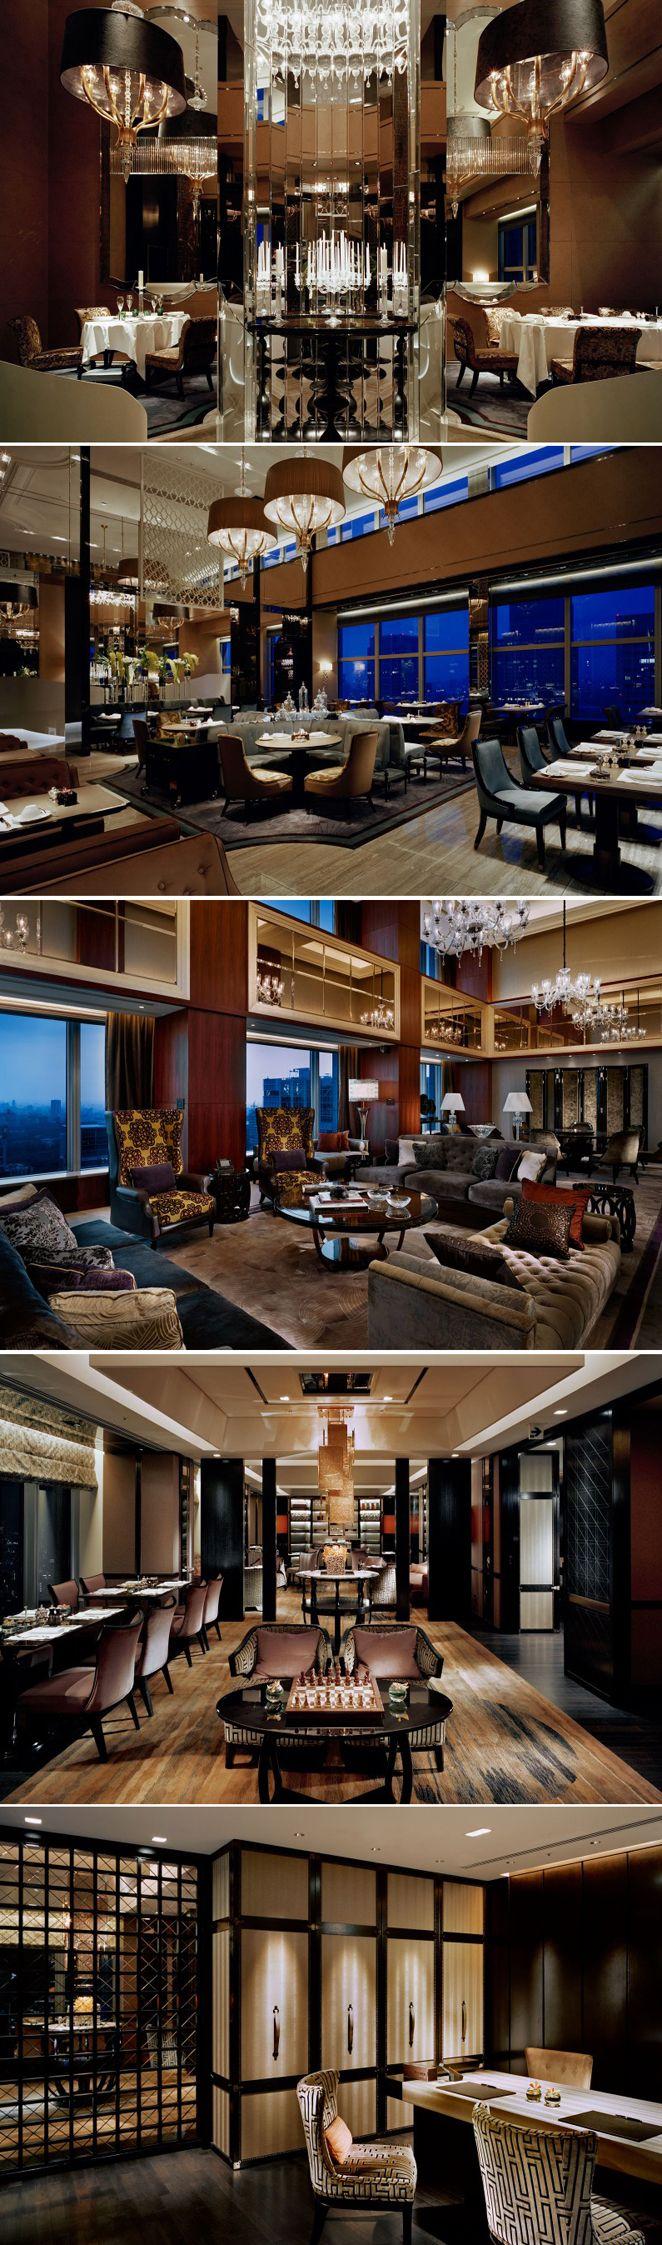 SHANGRI-LA Hotel, Tokyo Japan by Andre Fu_AFSO Design Studio Tokyo Hotel Interior Designs